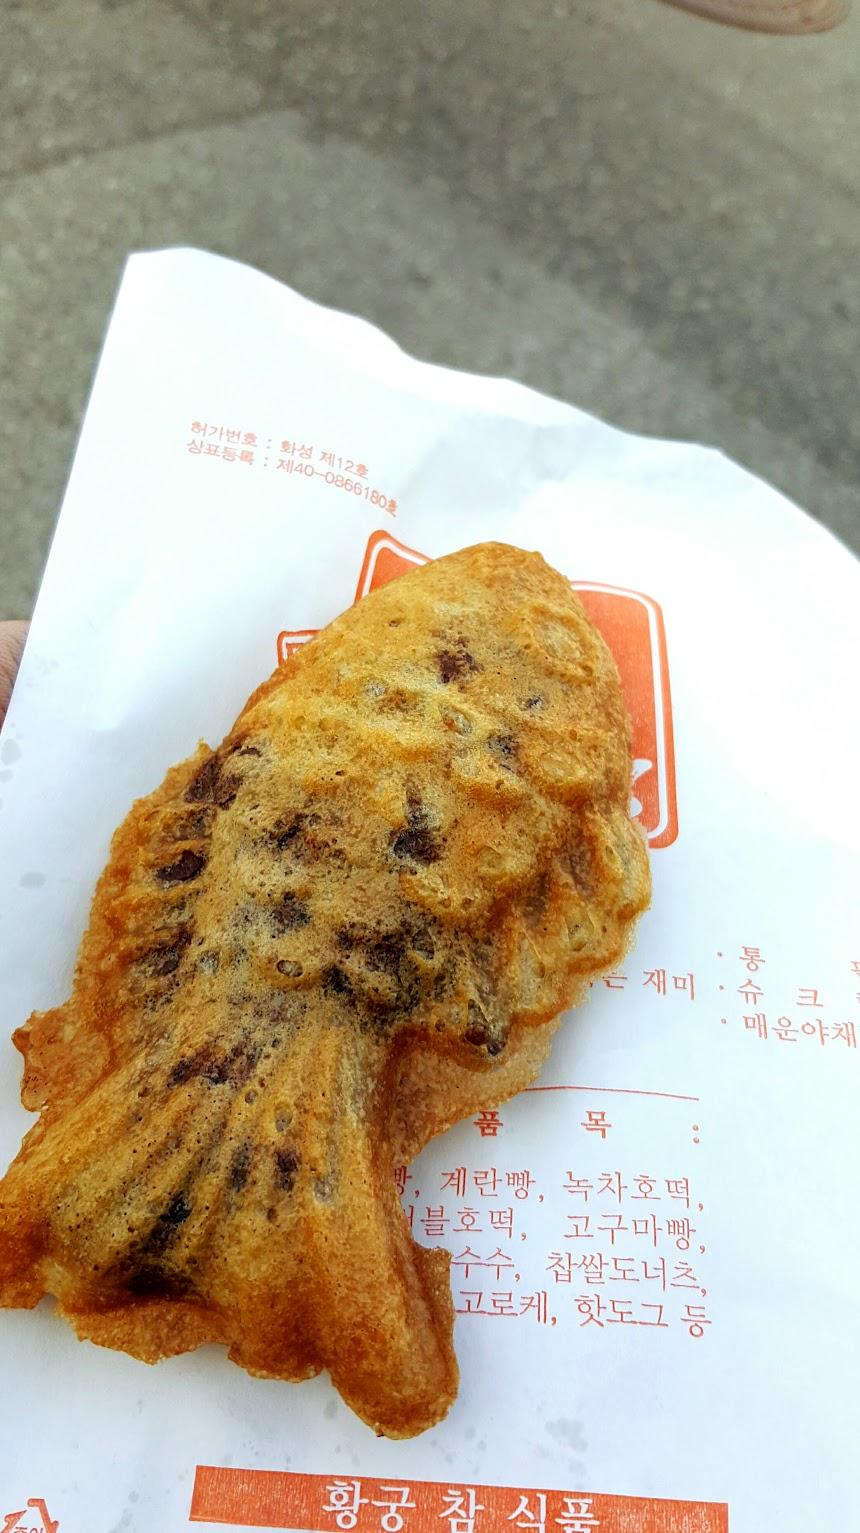 Bánh cá nhân đậu đỏ nóng hổi